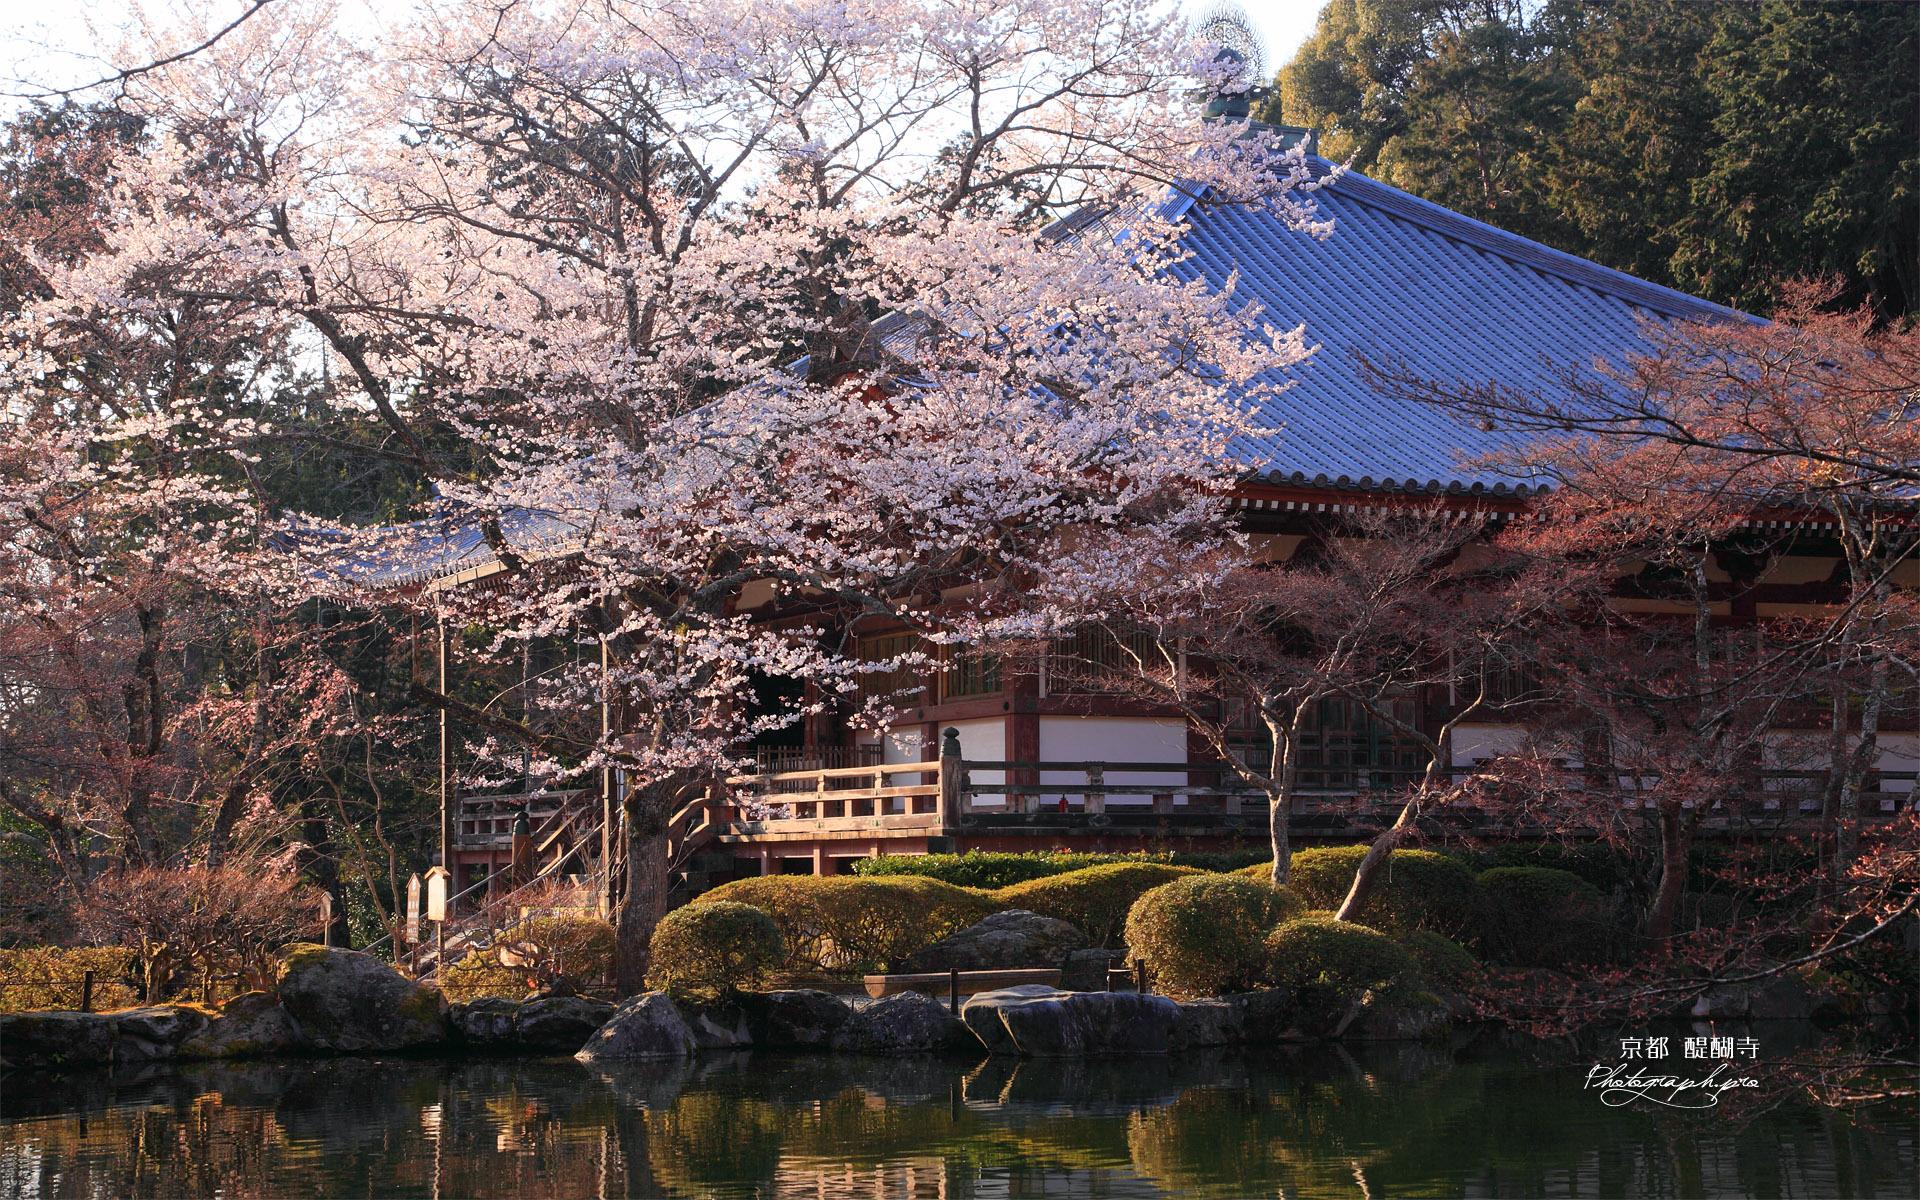 醍醐寺 桜と大講堂の壁紙 ... : 無料プリント : プリント